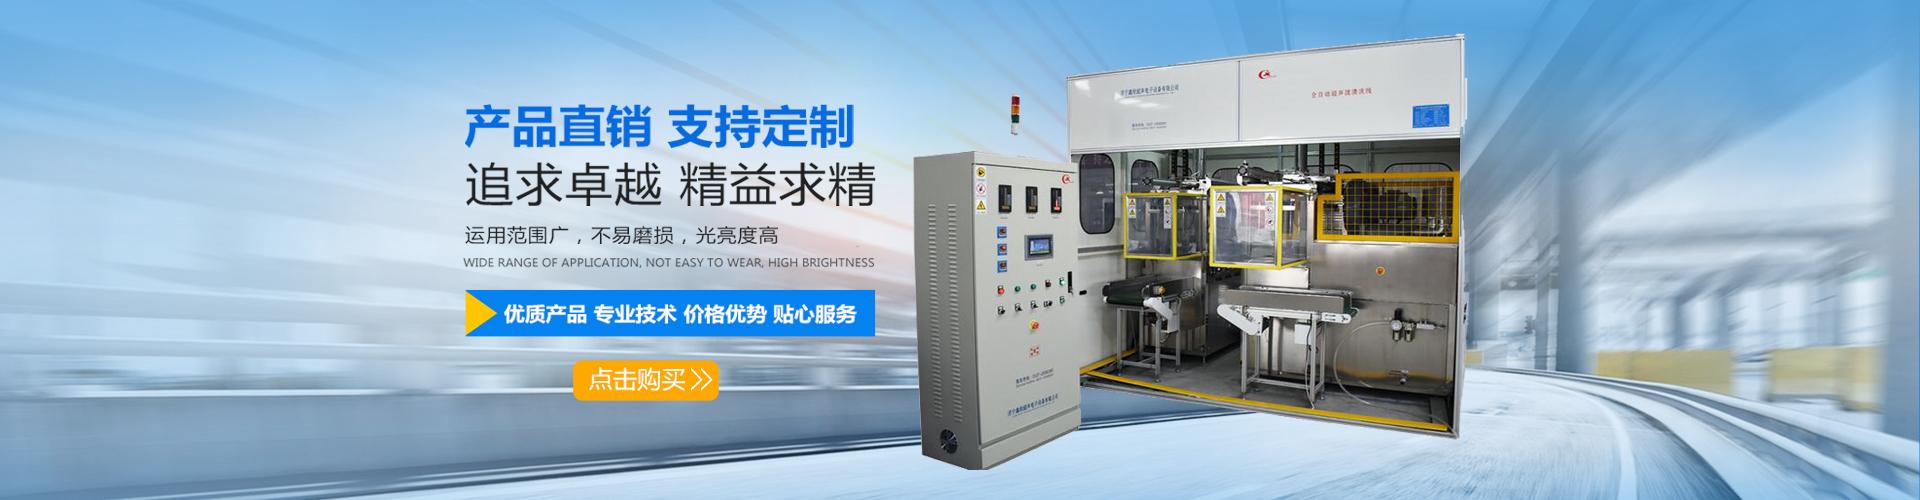 济宁鑫欣超声电子设备有限公司